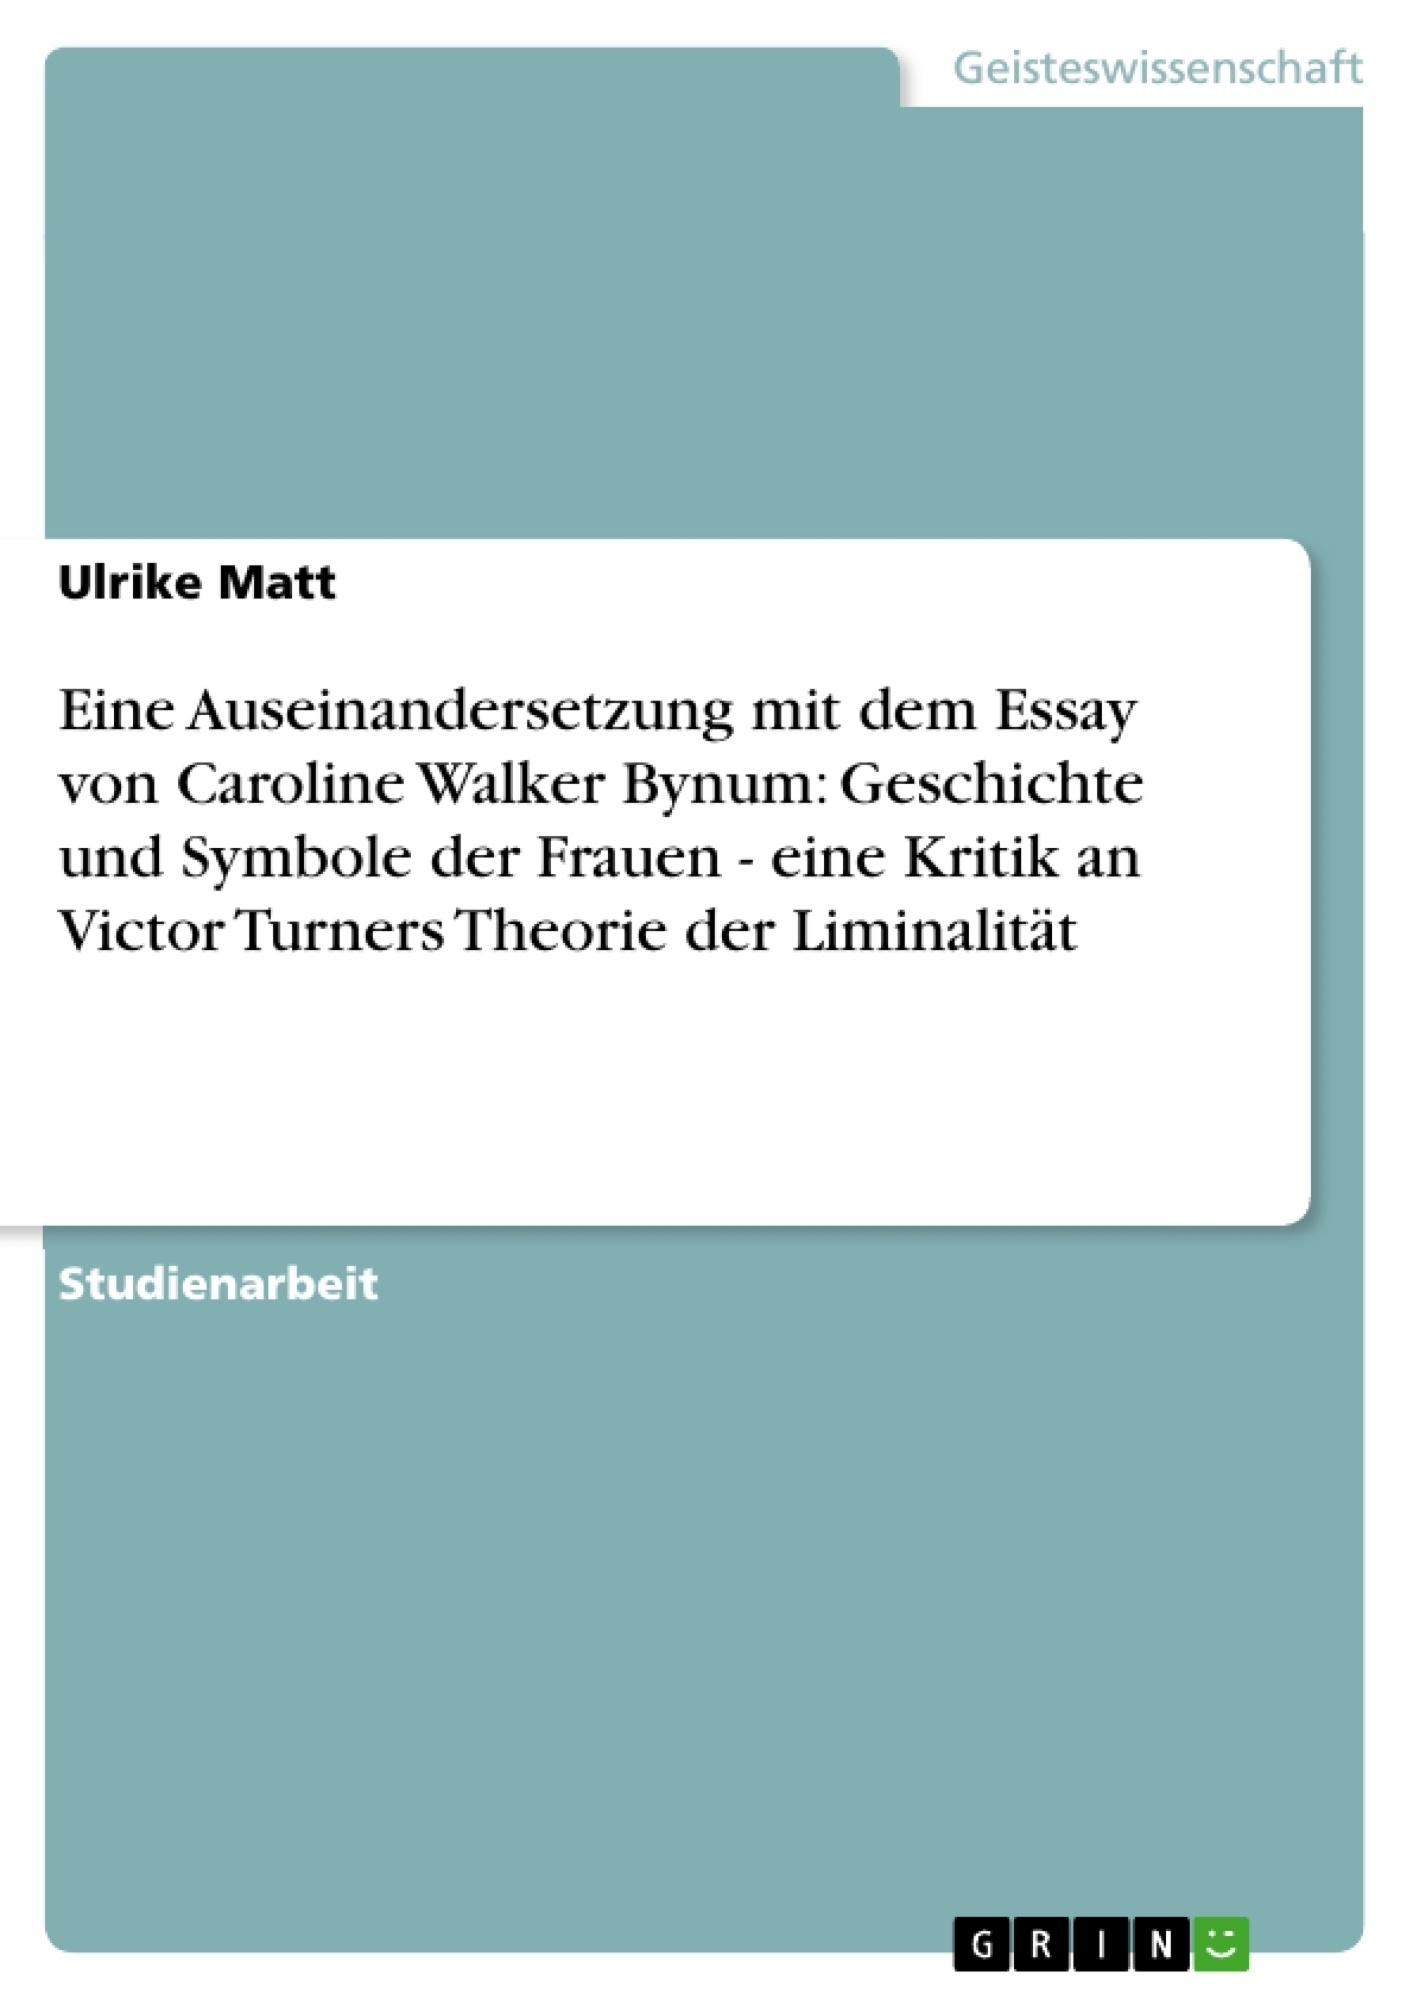 Titel: Eine Auseinandersetzung mit dem Essay von Caroline Walker Bynum: Geschichte und Symbole der Frauen - eine Kritik an Victor Turners Theorie der Liminalität